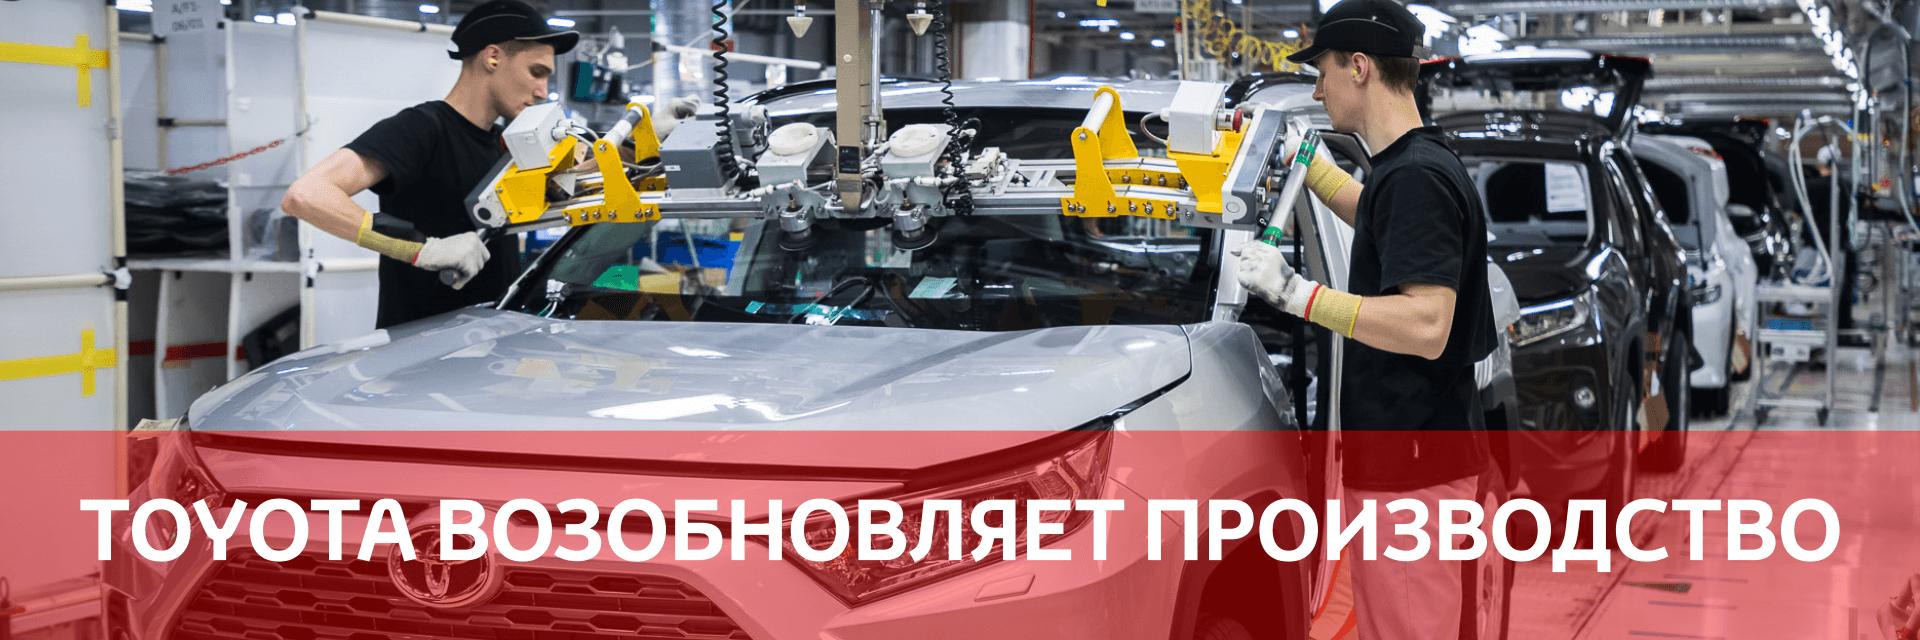 14.05.20 возобновили производство